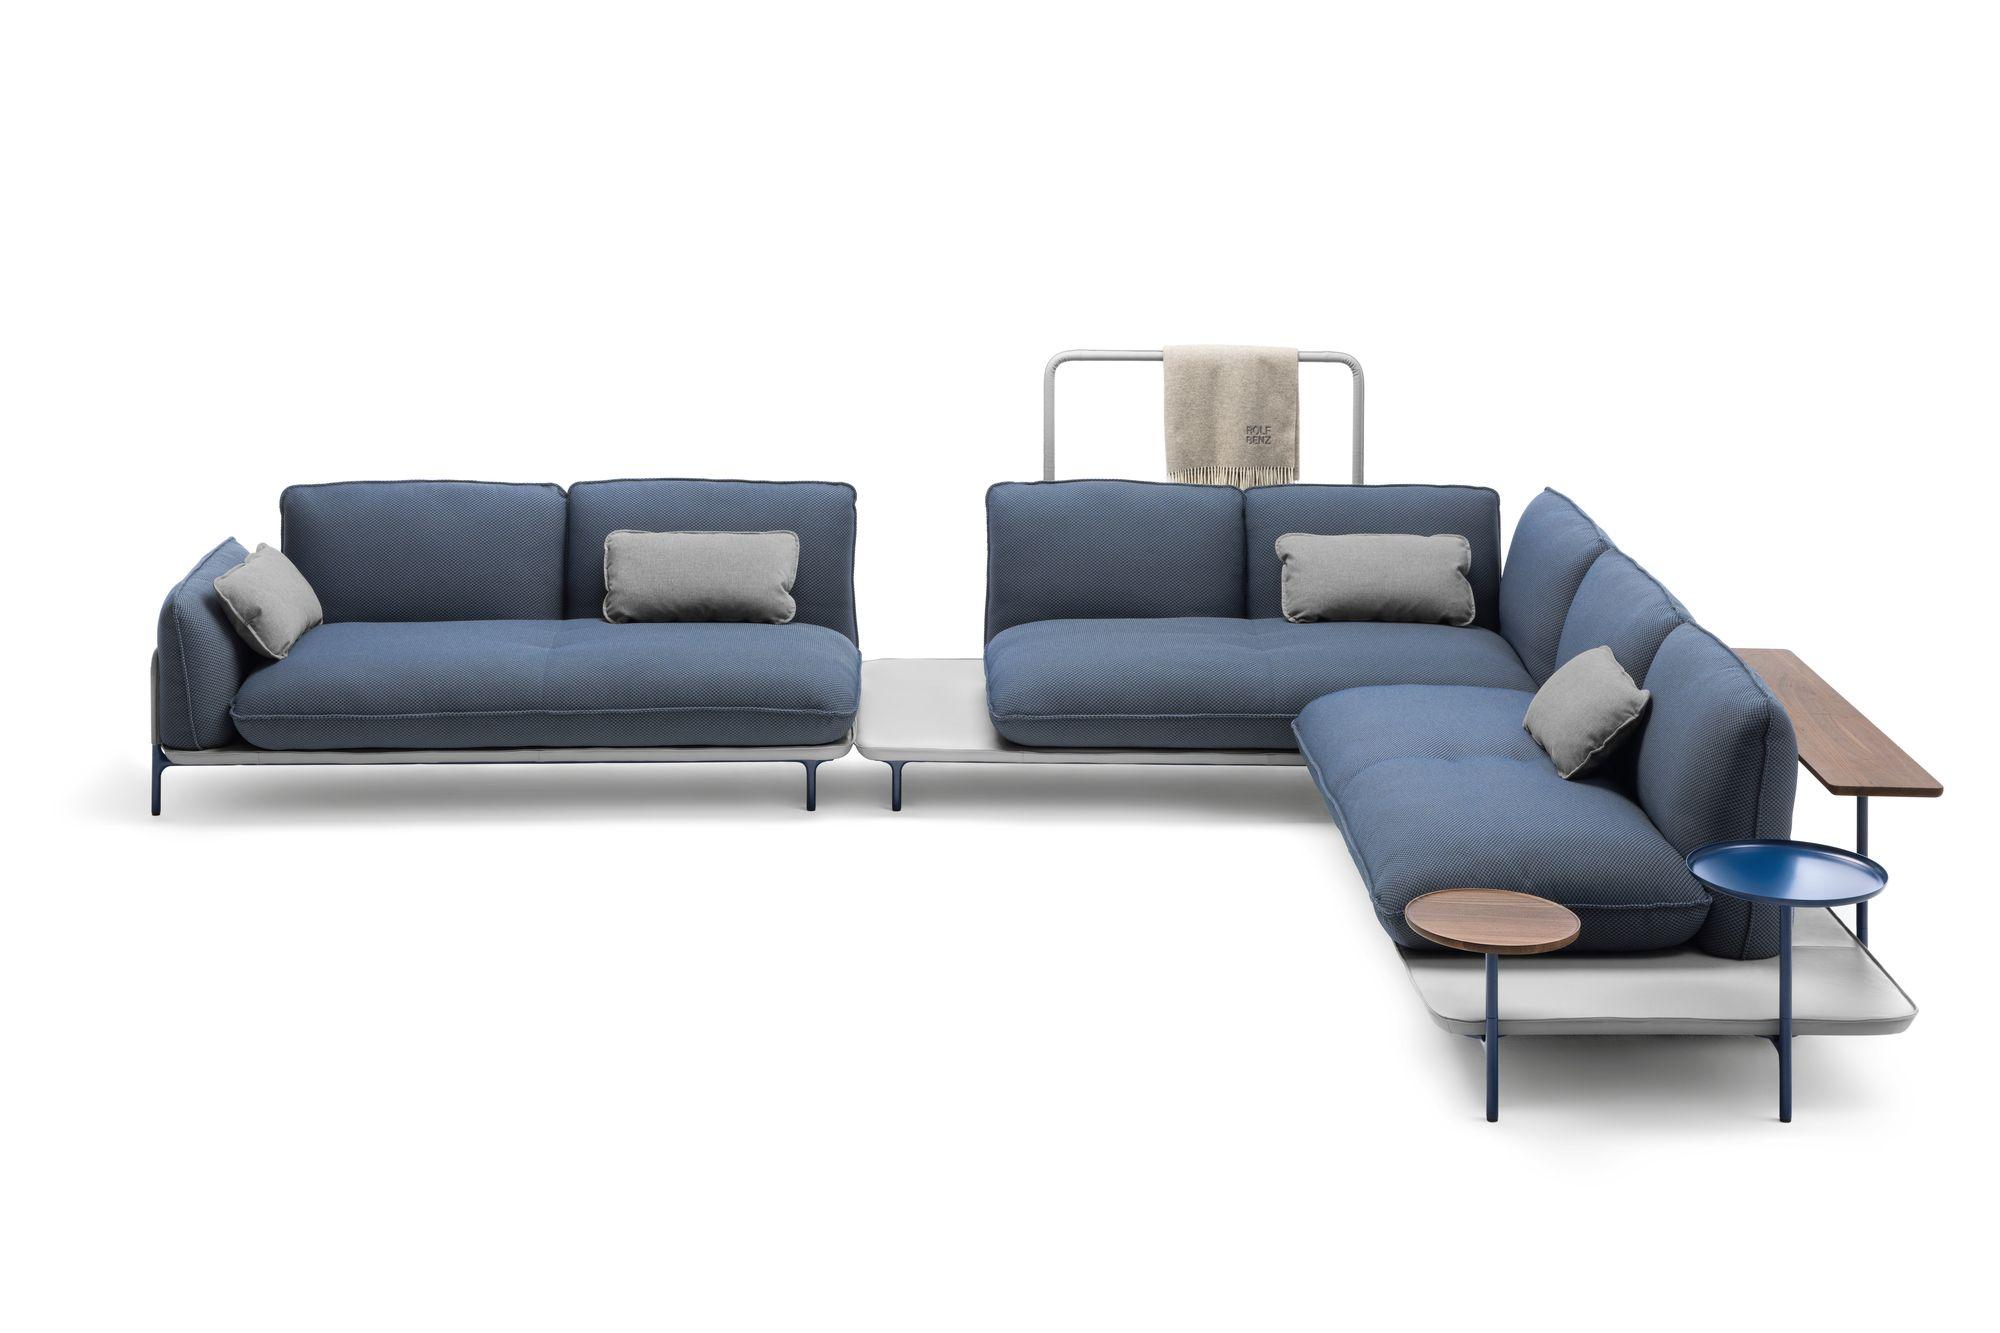 Rolf Benz ADDIT Sofa Landschaft In Stoff Saphierblau Mit